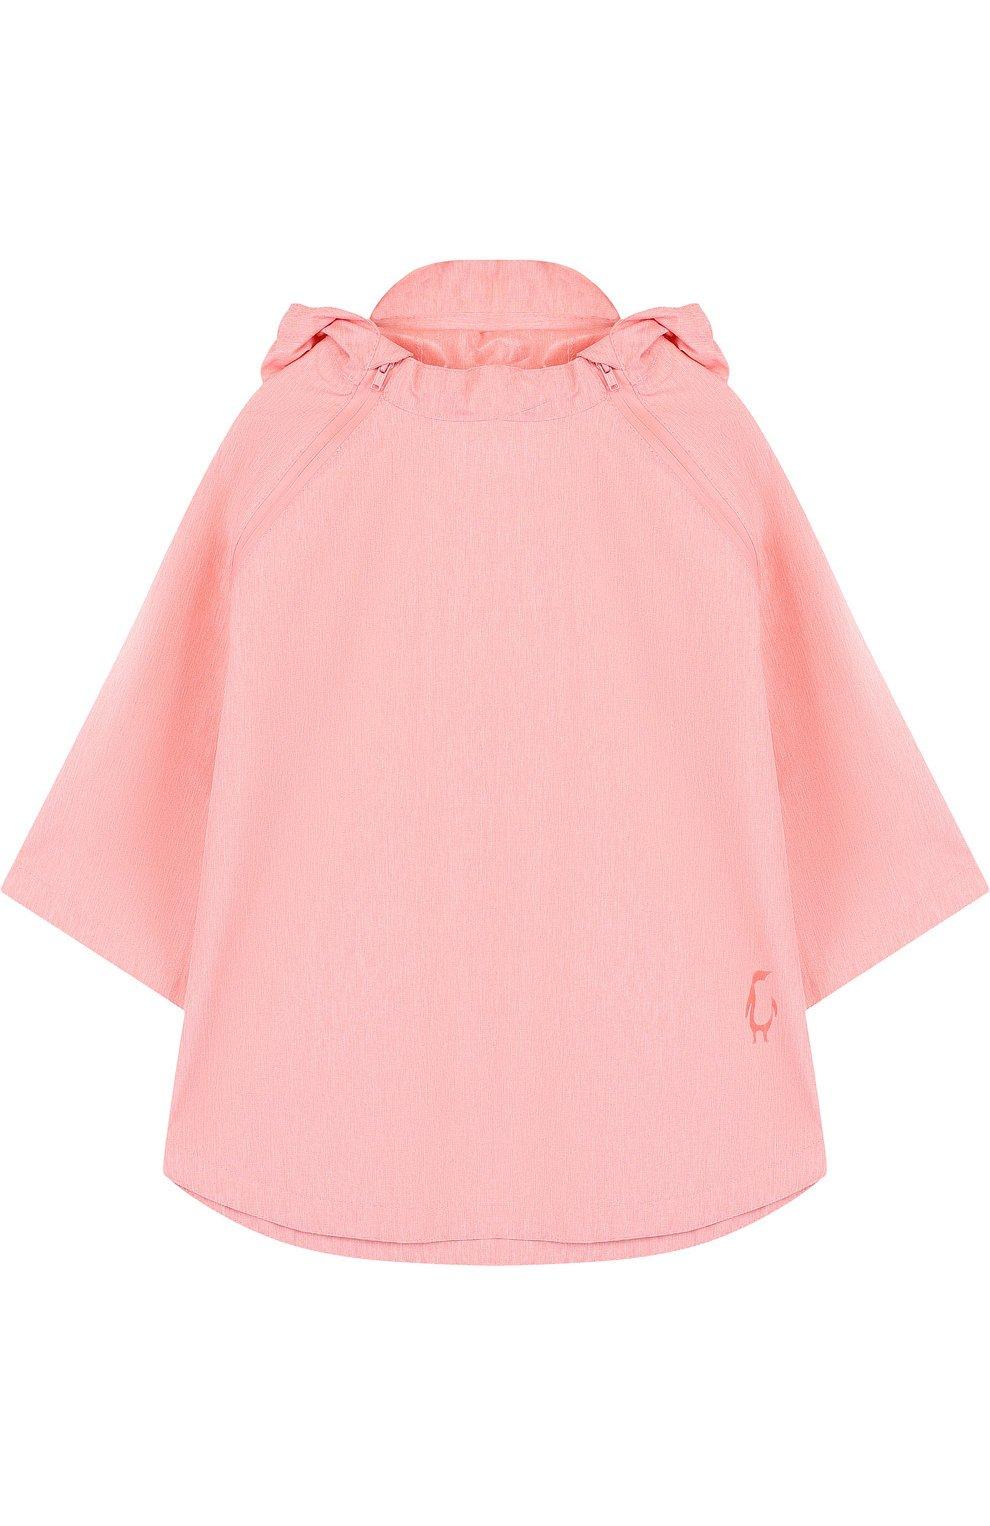 Детское пончо с капюшоном GOSOAKY розового цвета, арт. 181.101.221/C0ATED W0VEN MELANGE | Фото 1